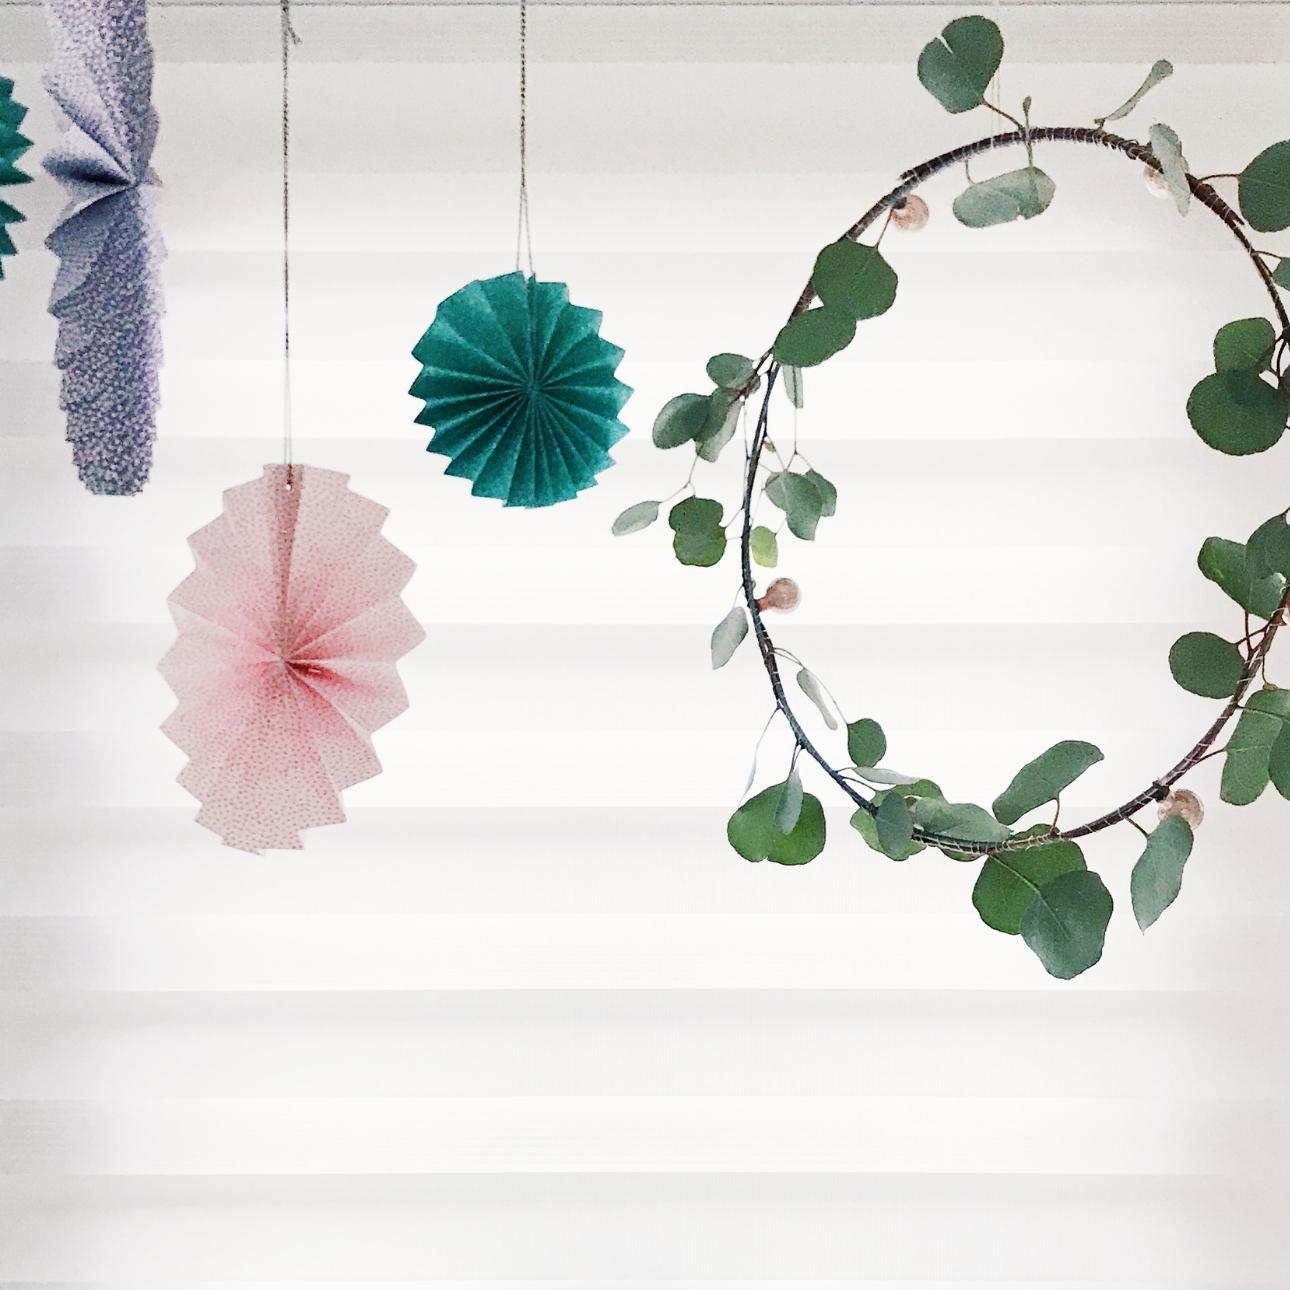 grote kerstkrans eucalyptus takken roze kerstballen hangend